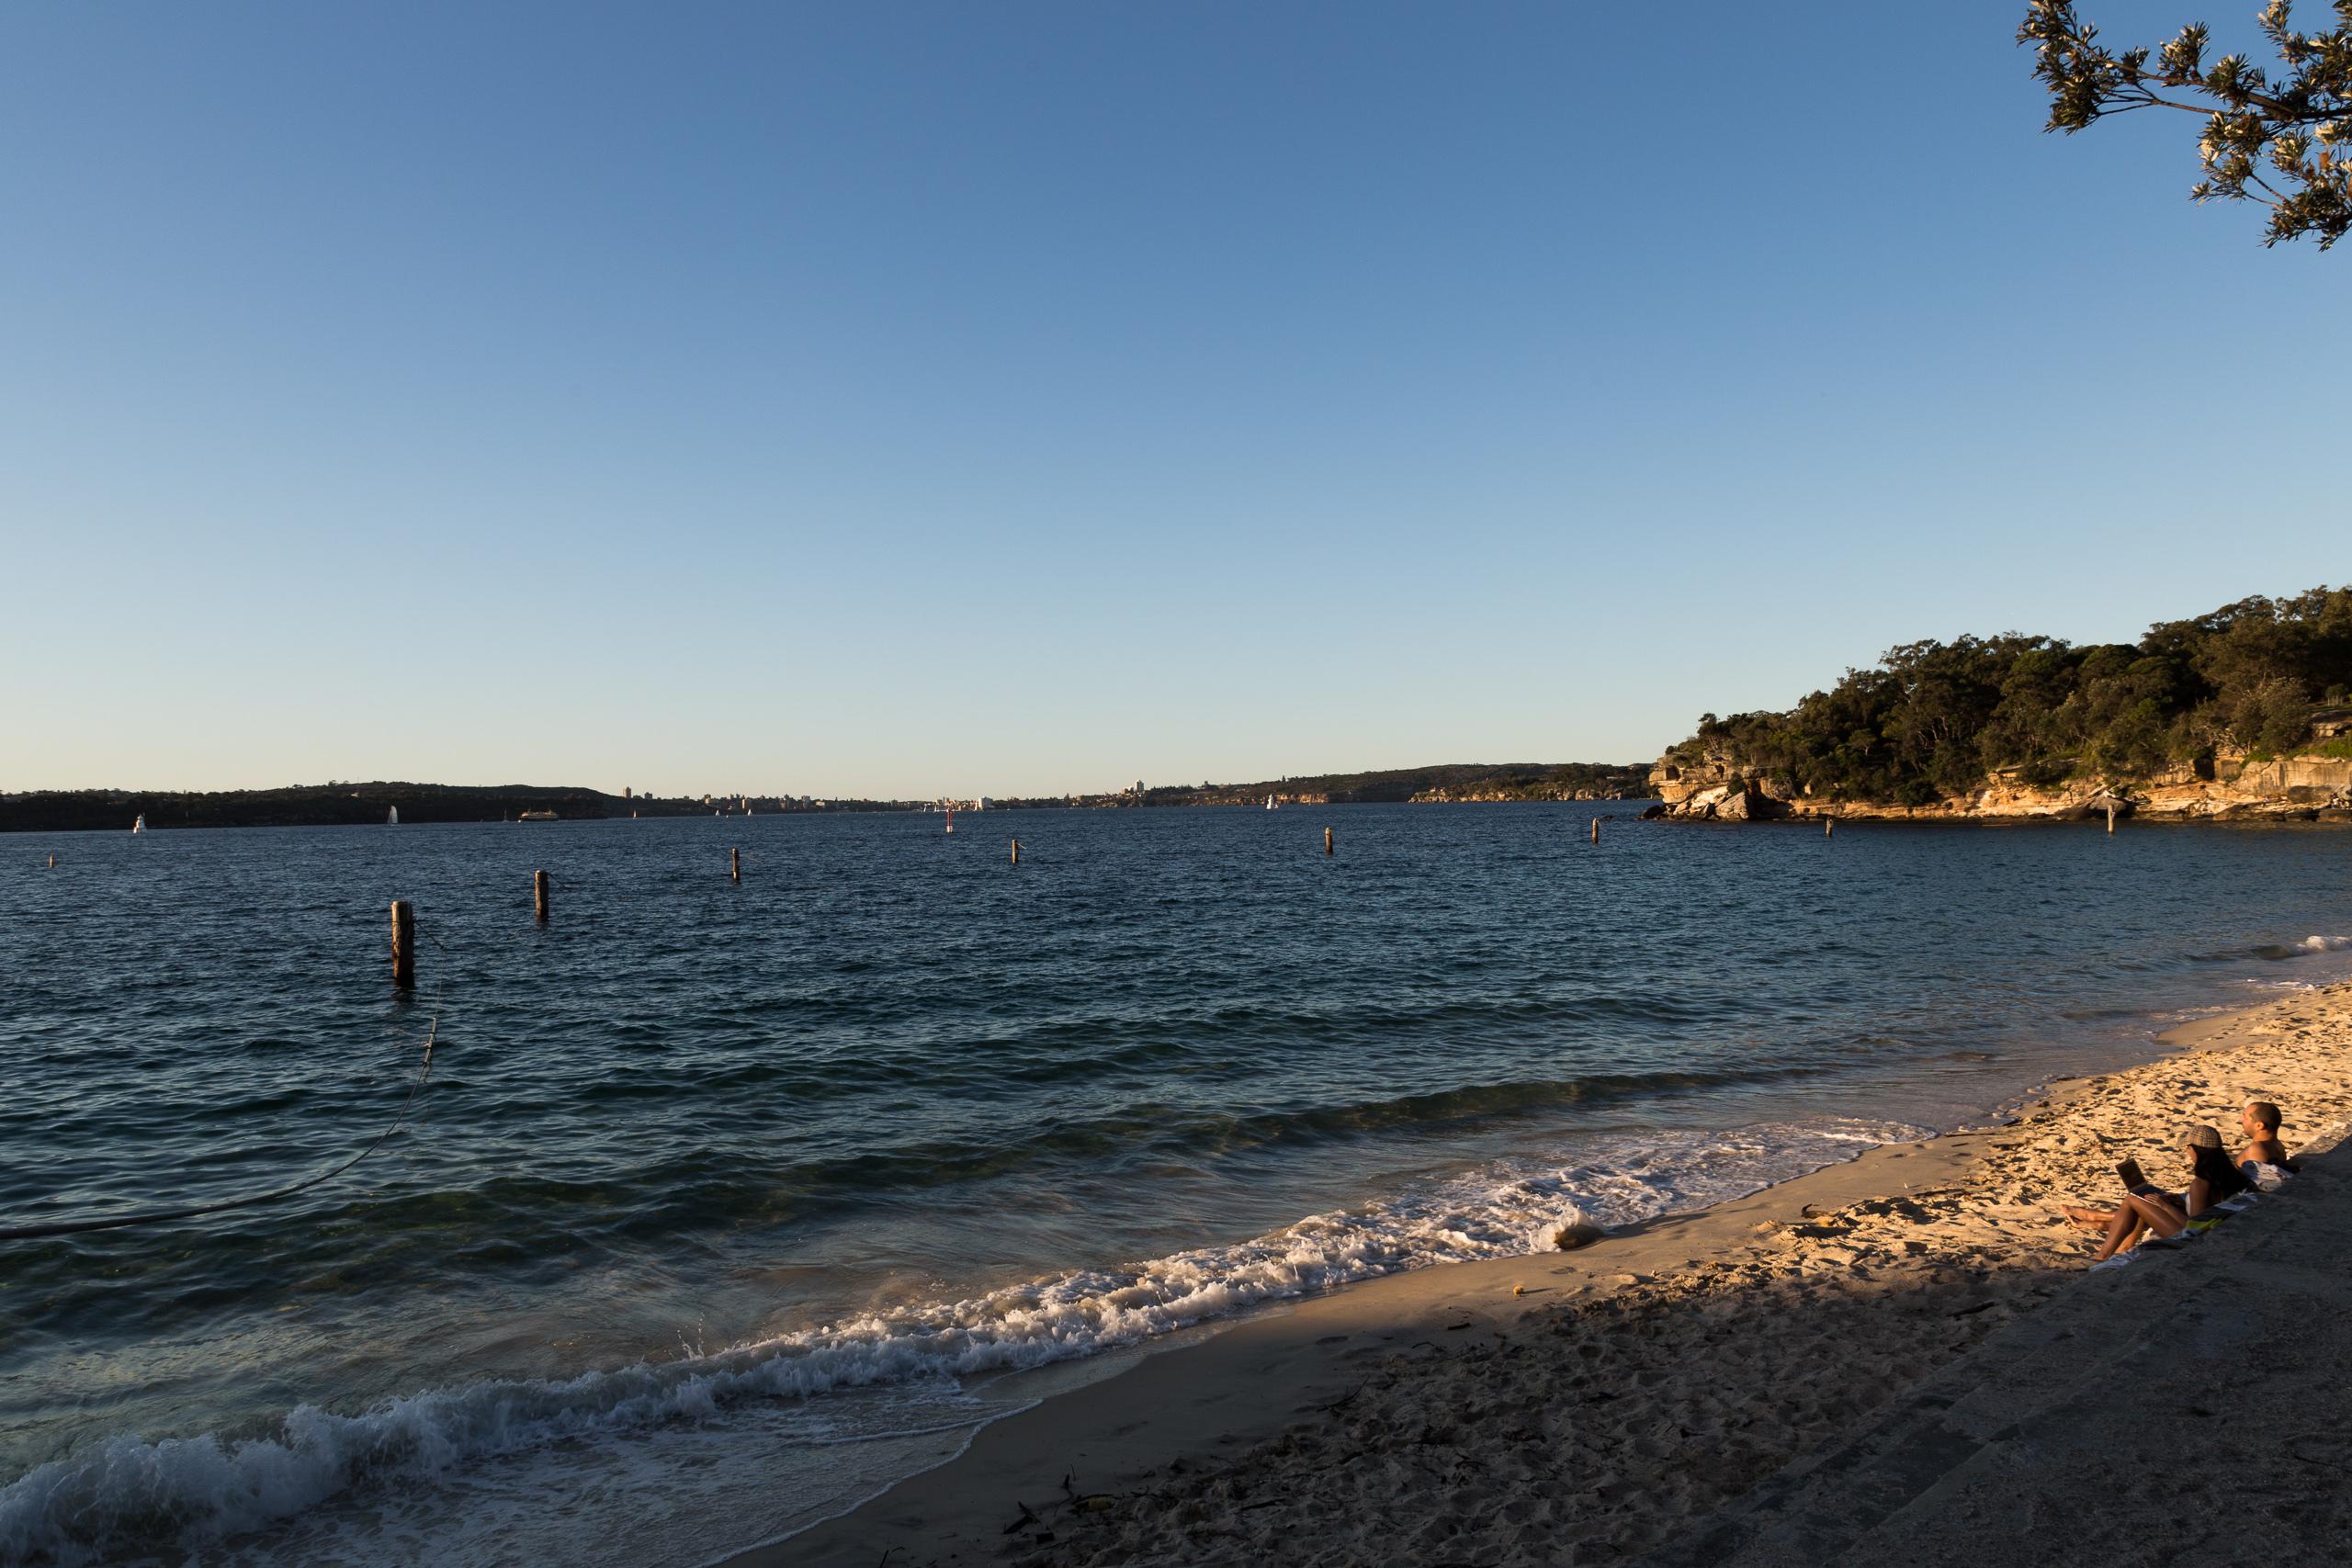 Ocean and sand beach at Shark Beach, Vaucluse